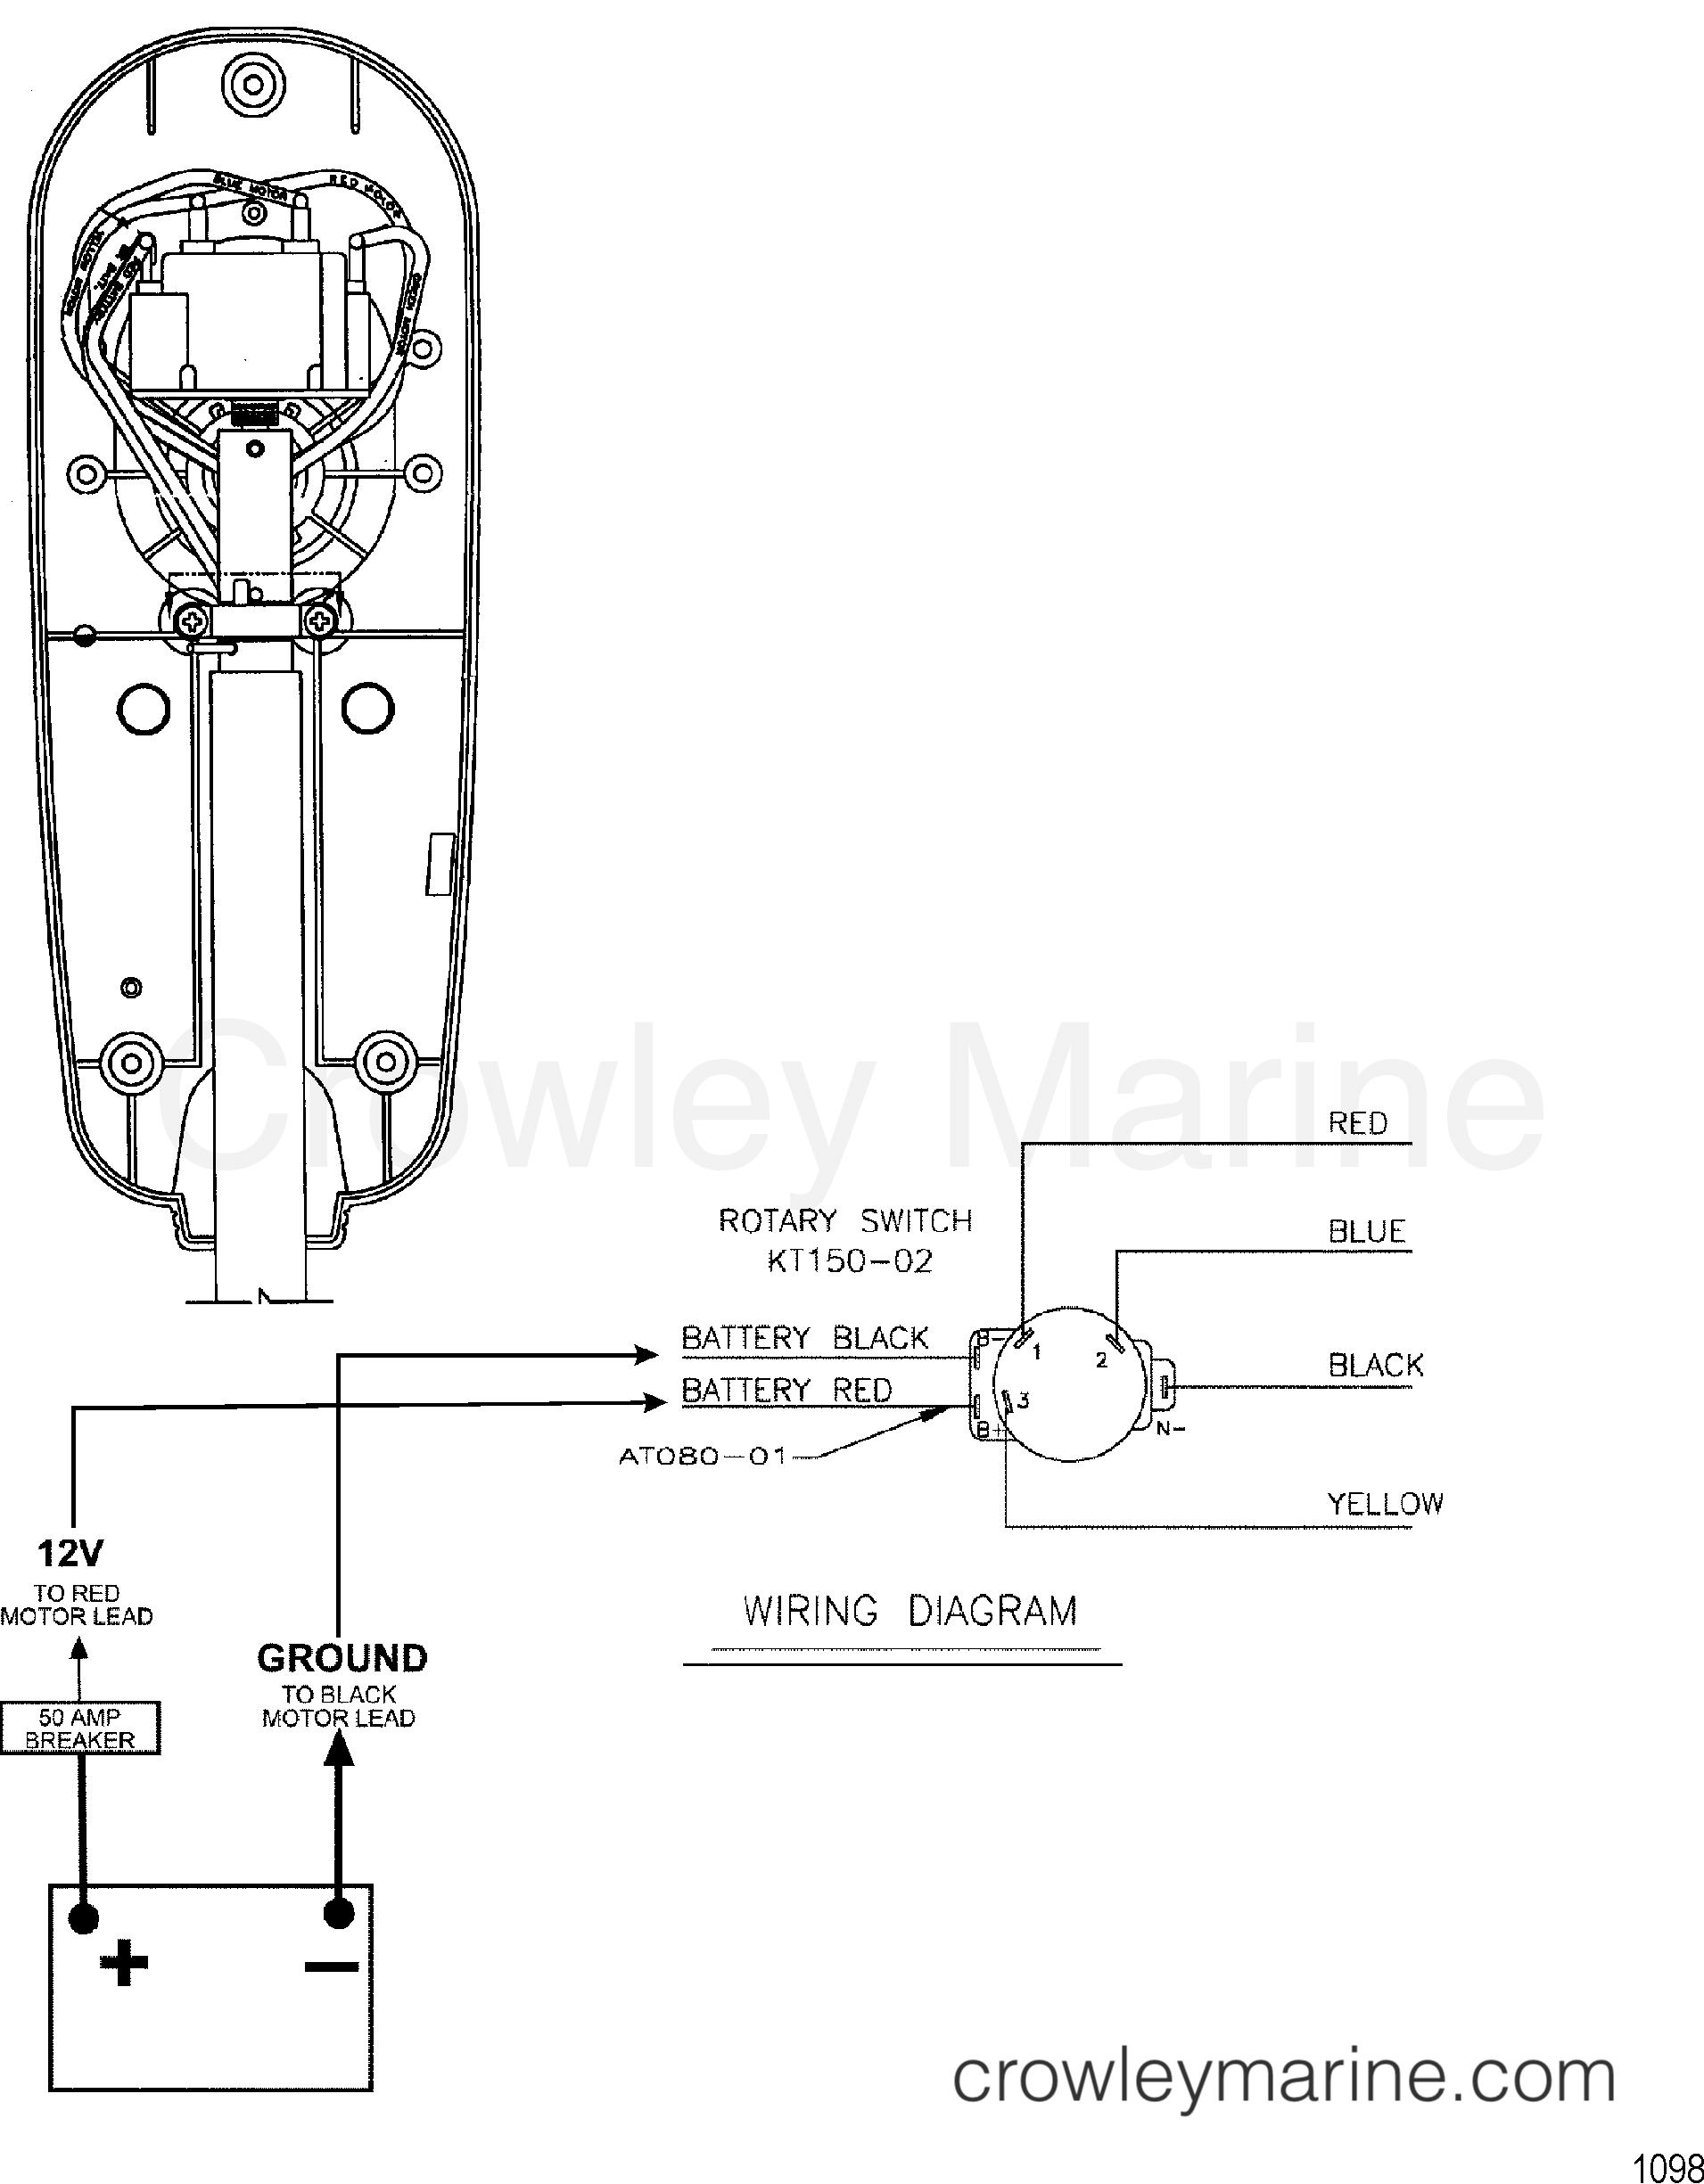 wire diagram model 536 12 volt 1999 motorguide 12 24v. Black Bedroom Furniture Sets. Home Design Ideas